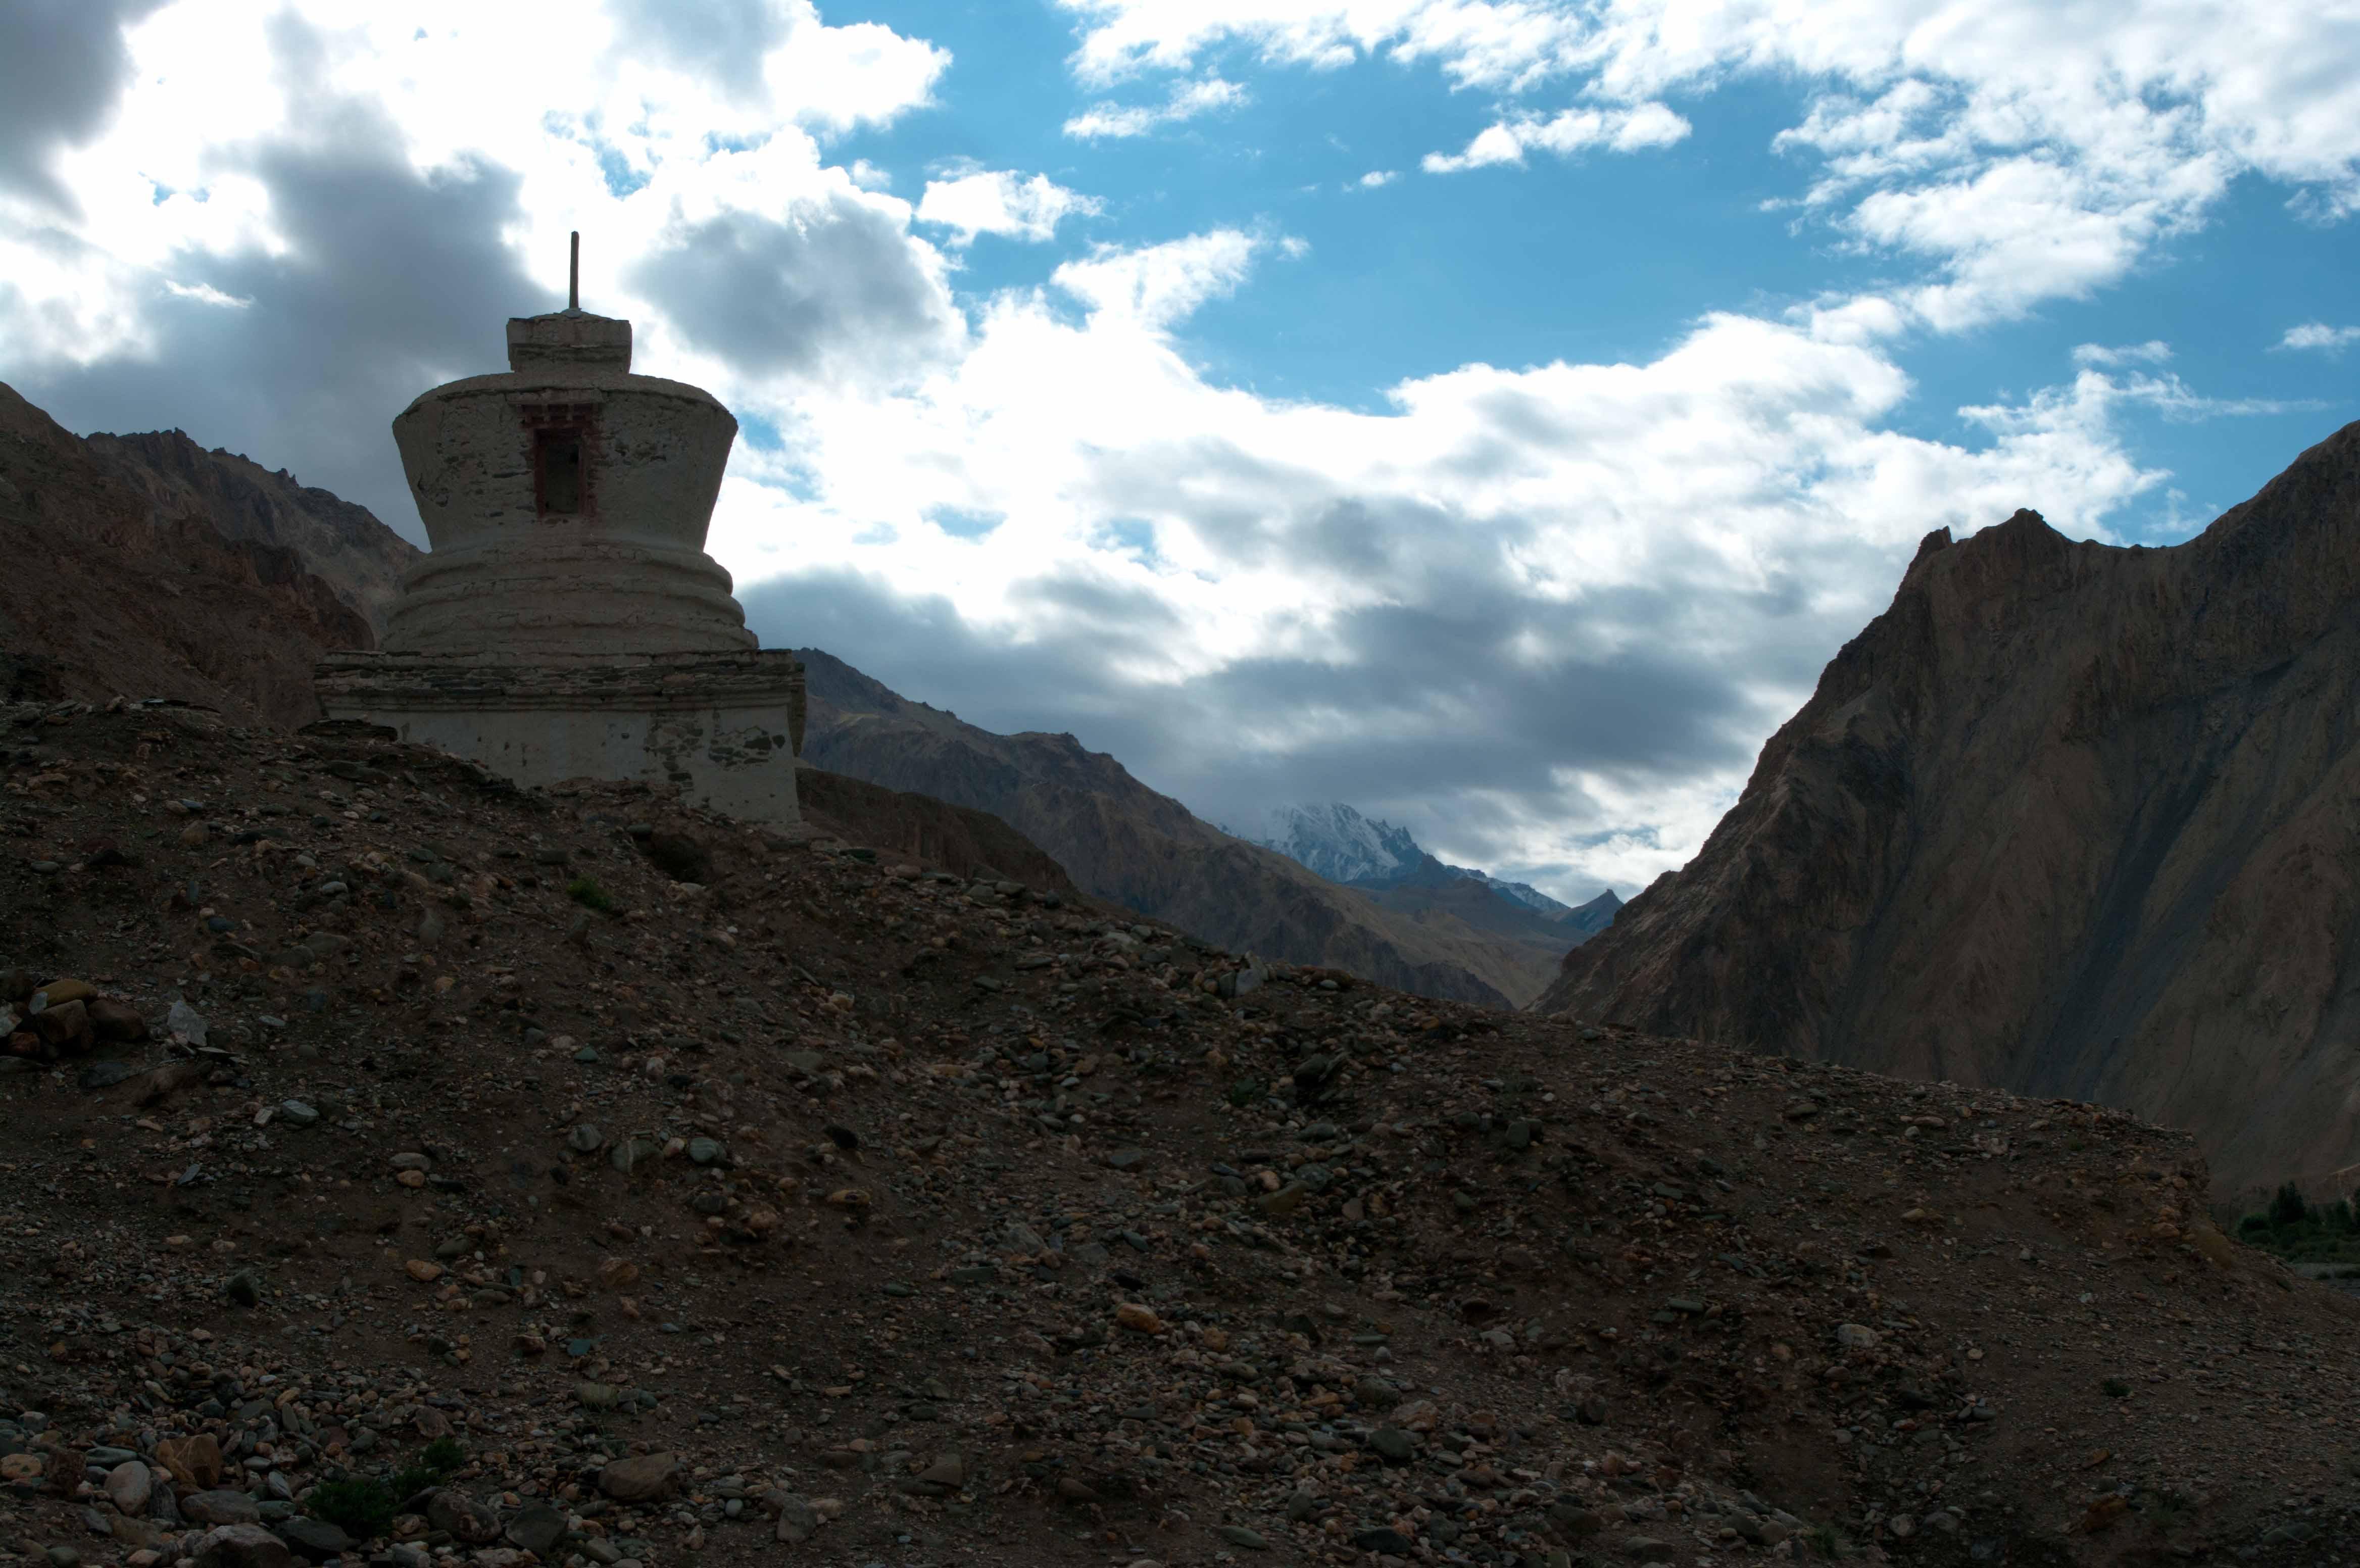 Ступа в горах Гималаи